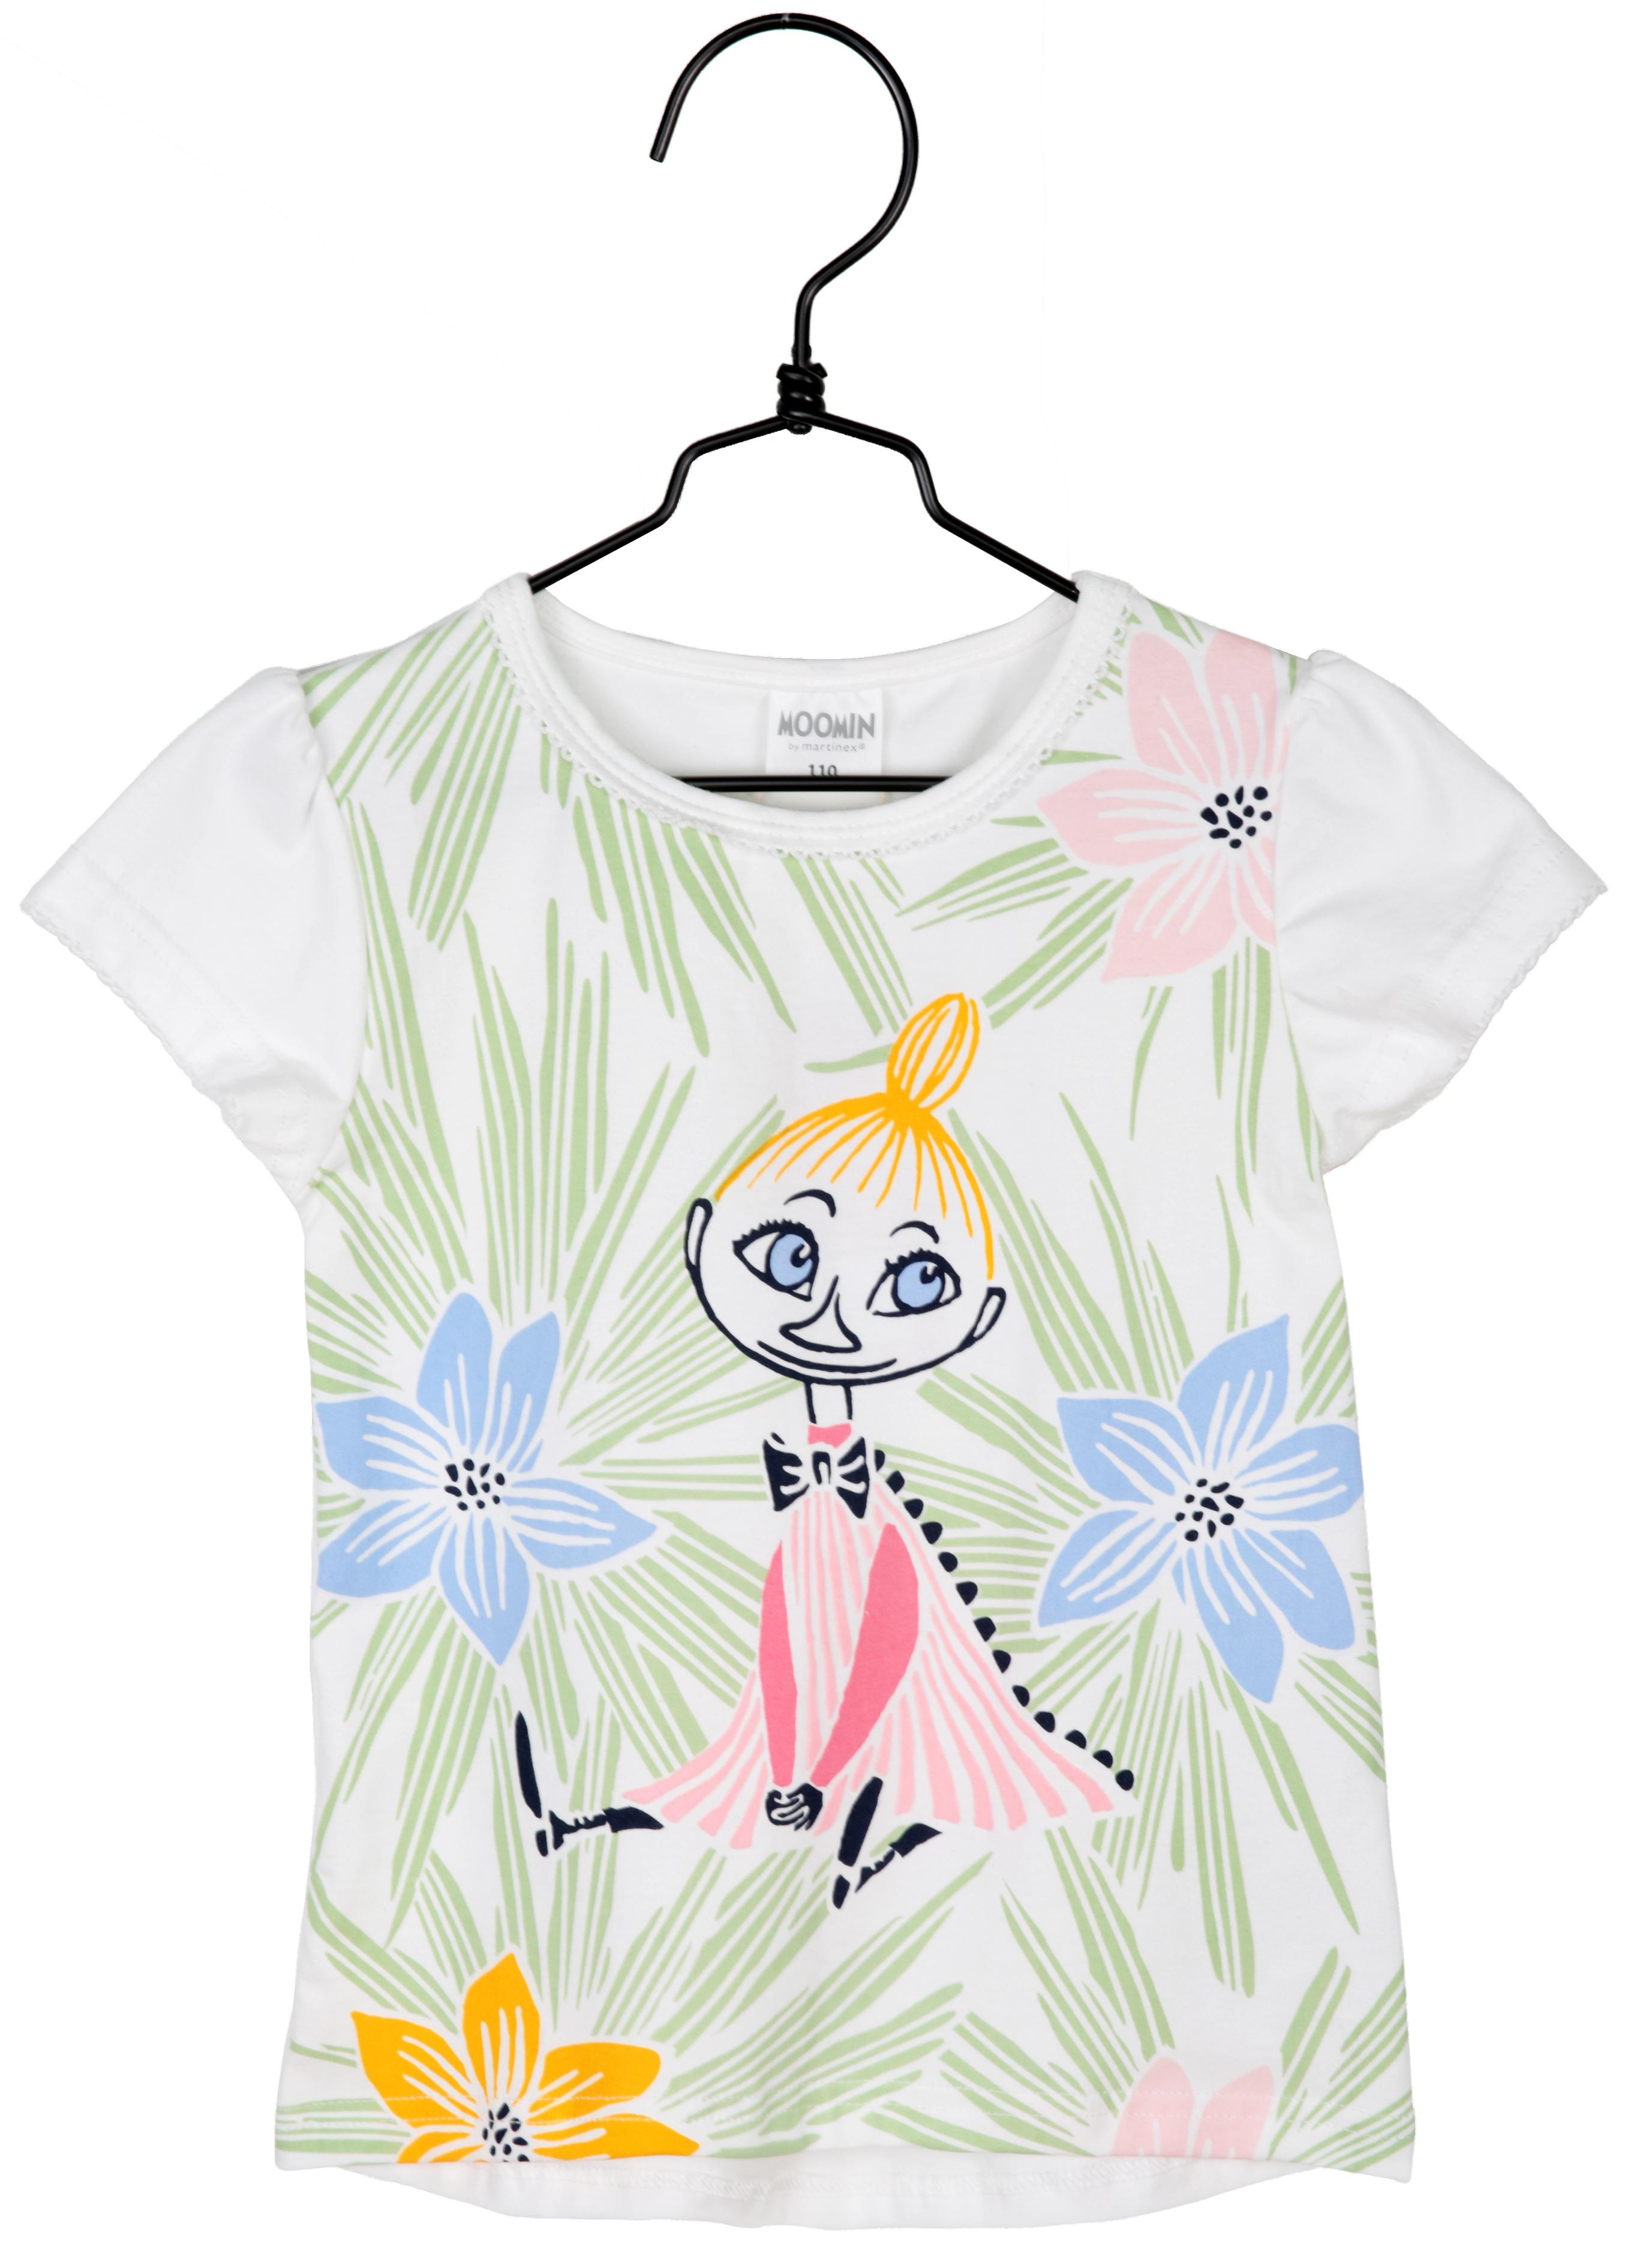 Martinex Moomin Hibiscus T-shirt